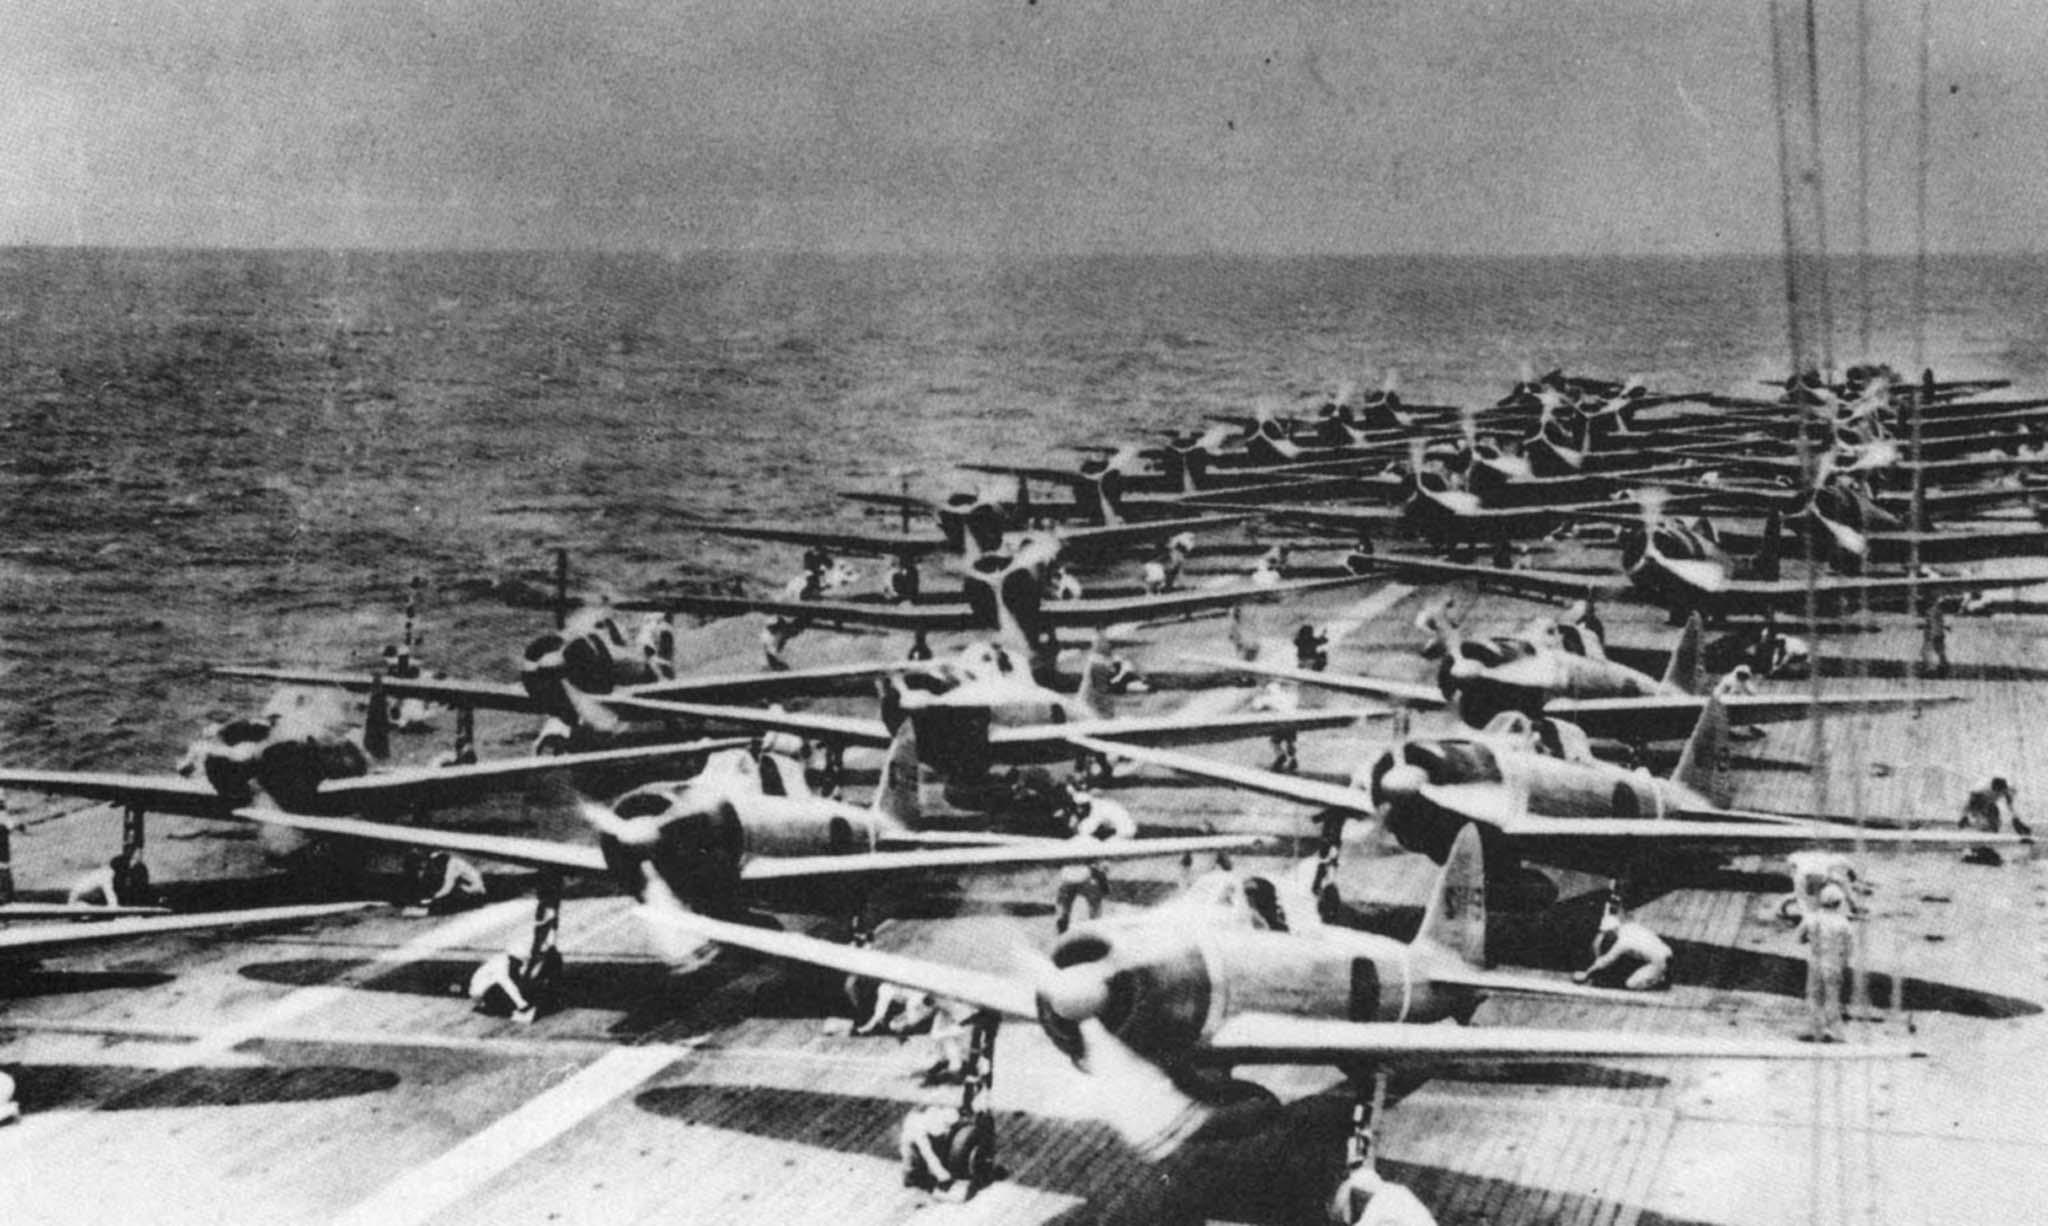 Japanese aircraft